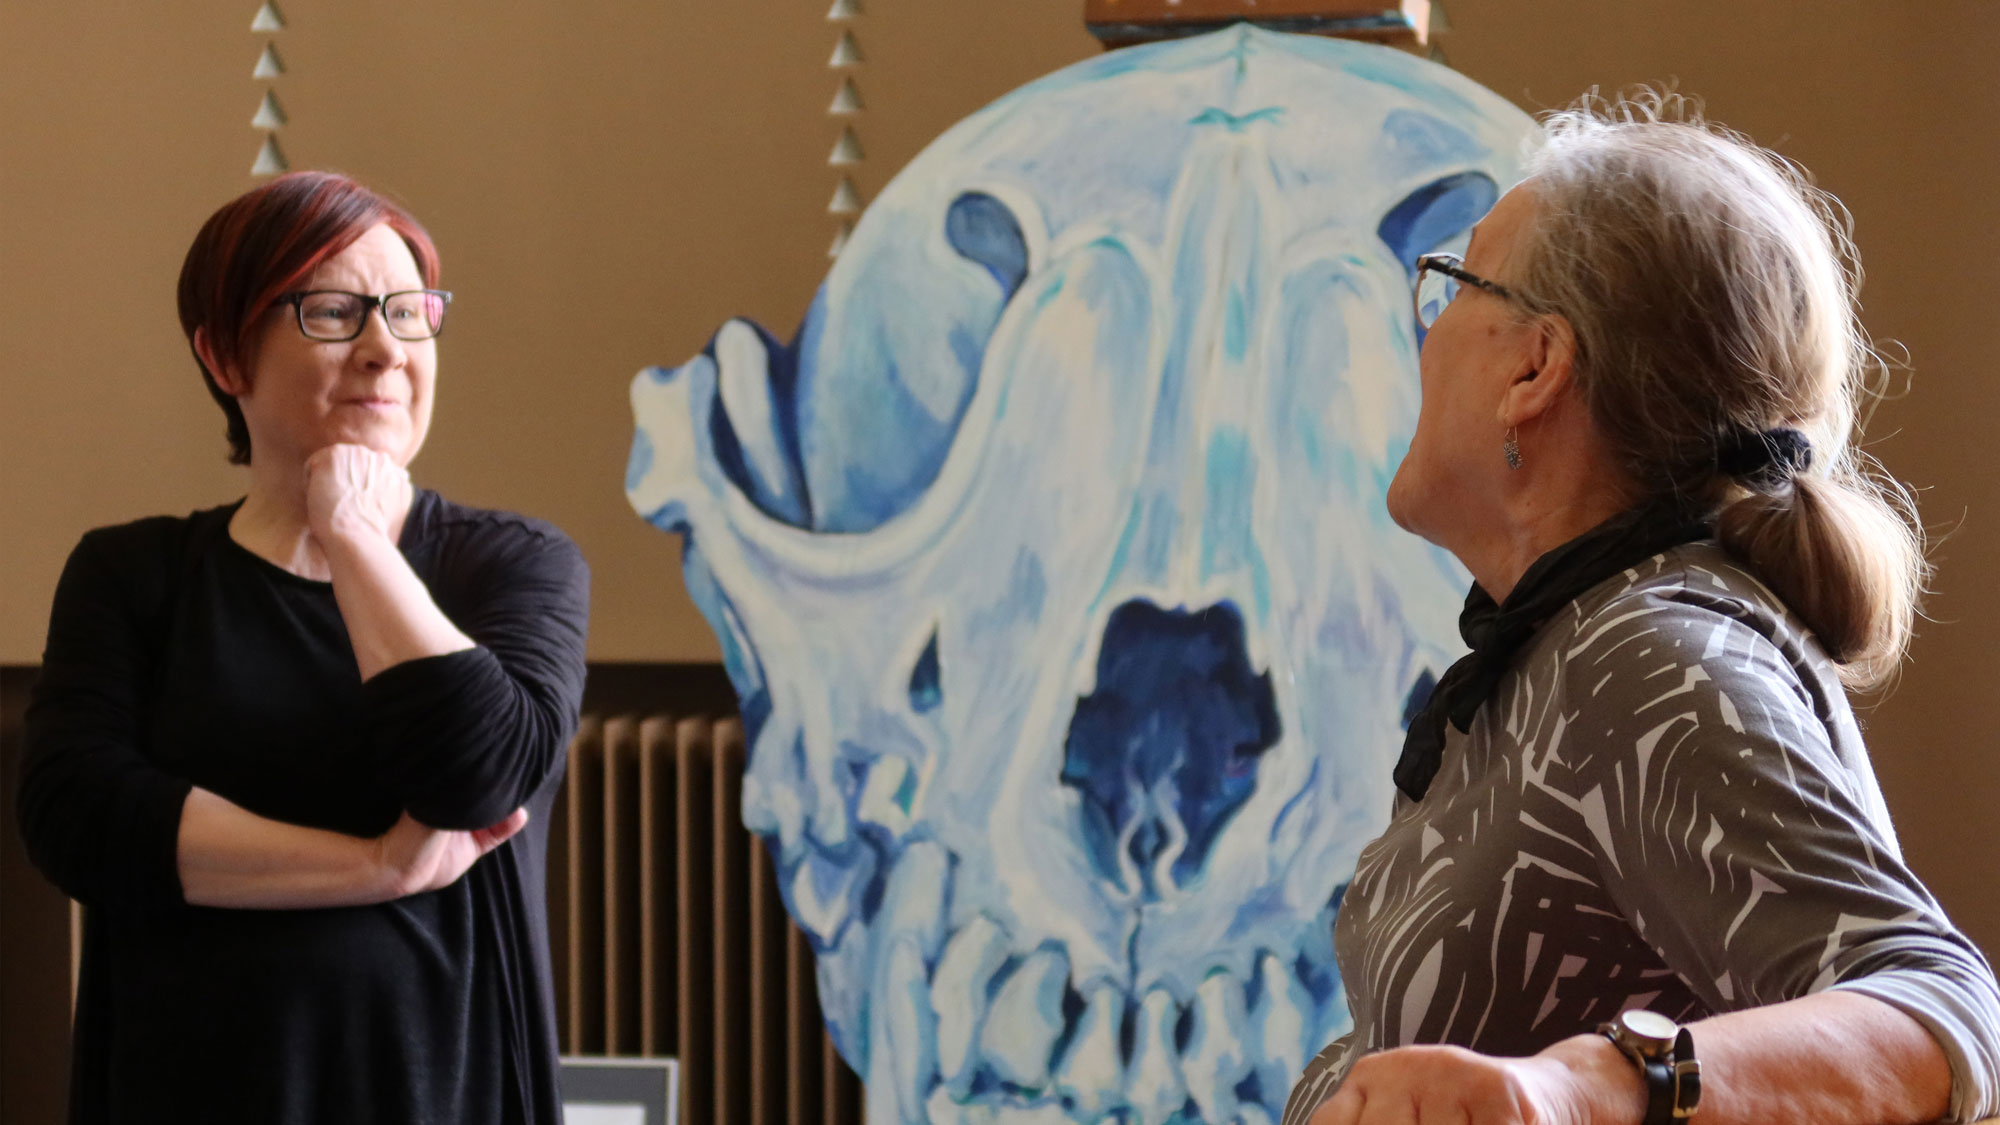 Teatterinjohtaja Iiristiina Varilo ja kuvataiteilija Arja Valkonen-Goldblatt keskustelevat teatterin aulassa. Taustalla sinisävyinen maalaus.